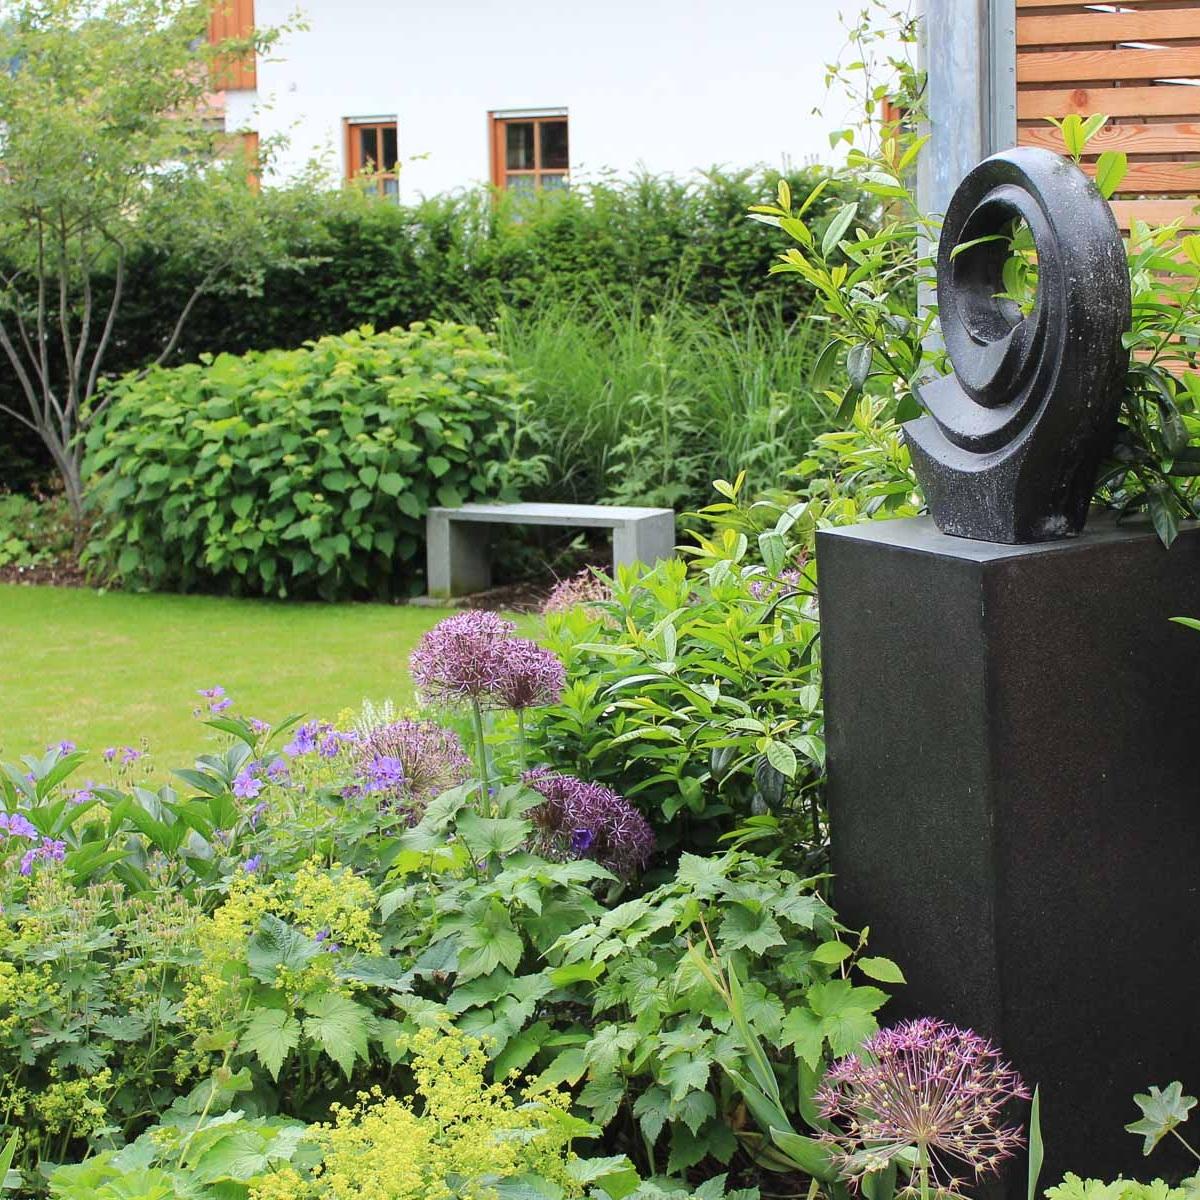 Raumtiefe wird durch den Vordergrund mit der Gartenskulptur erzeugt